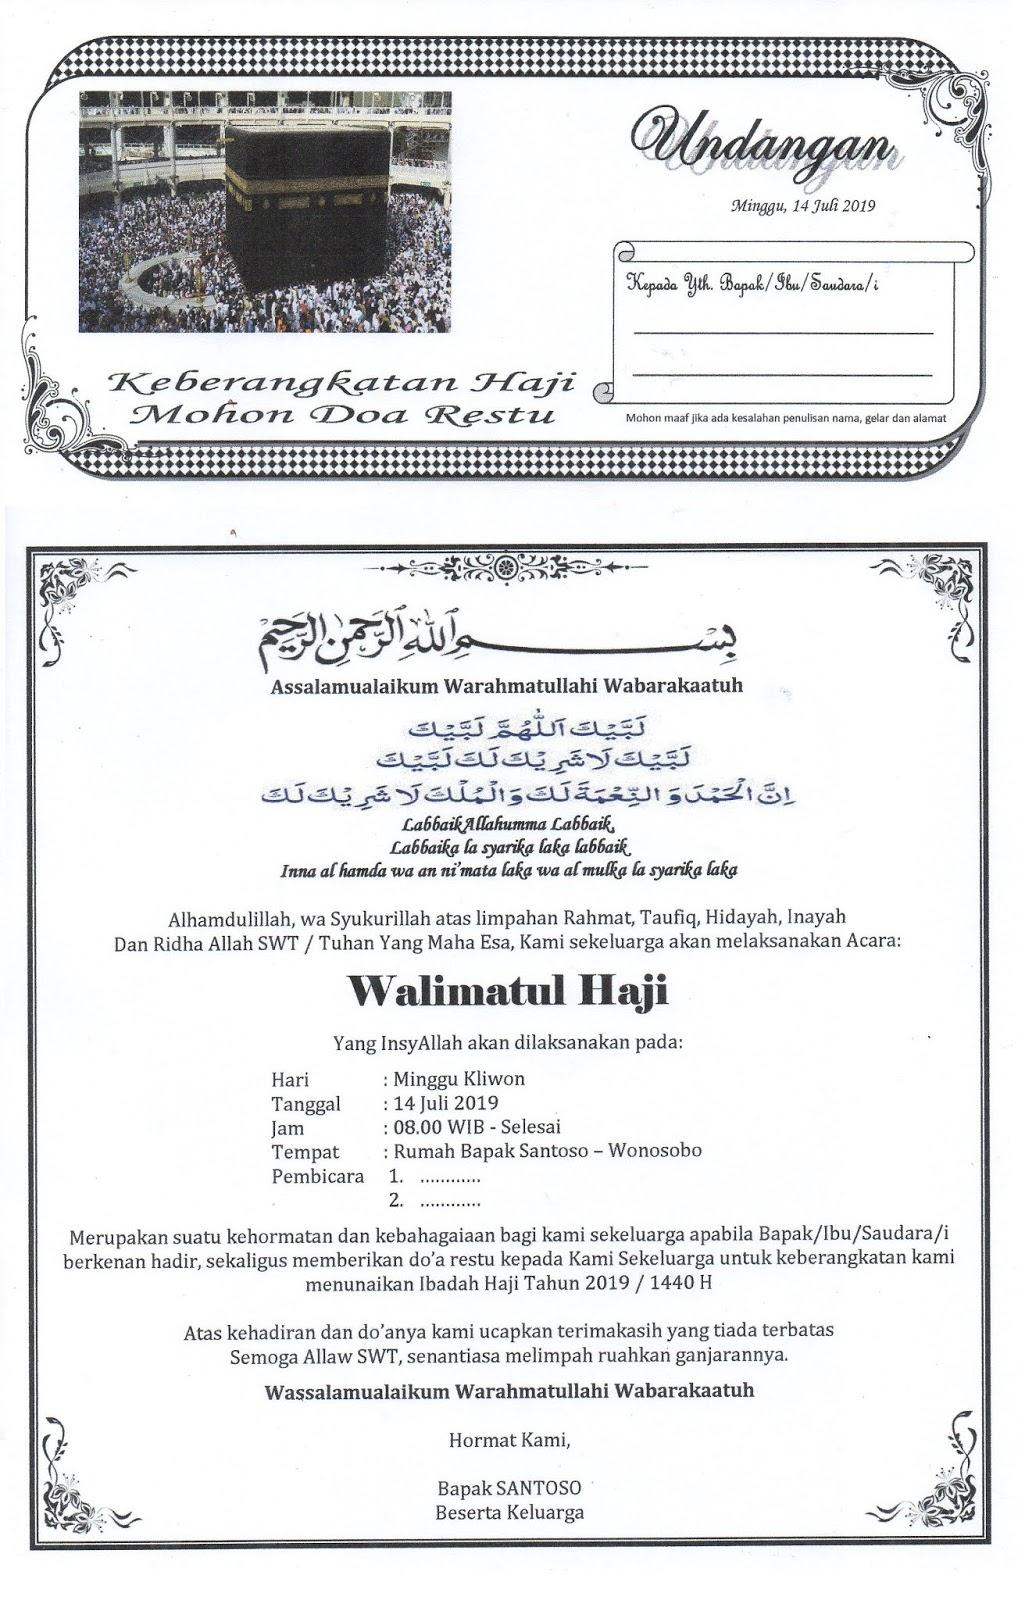 Contoh Undangan Tasyakuran Haji Aflah Sentosa